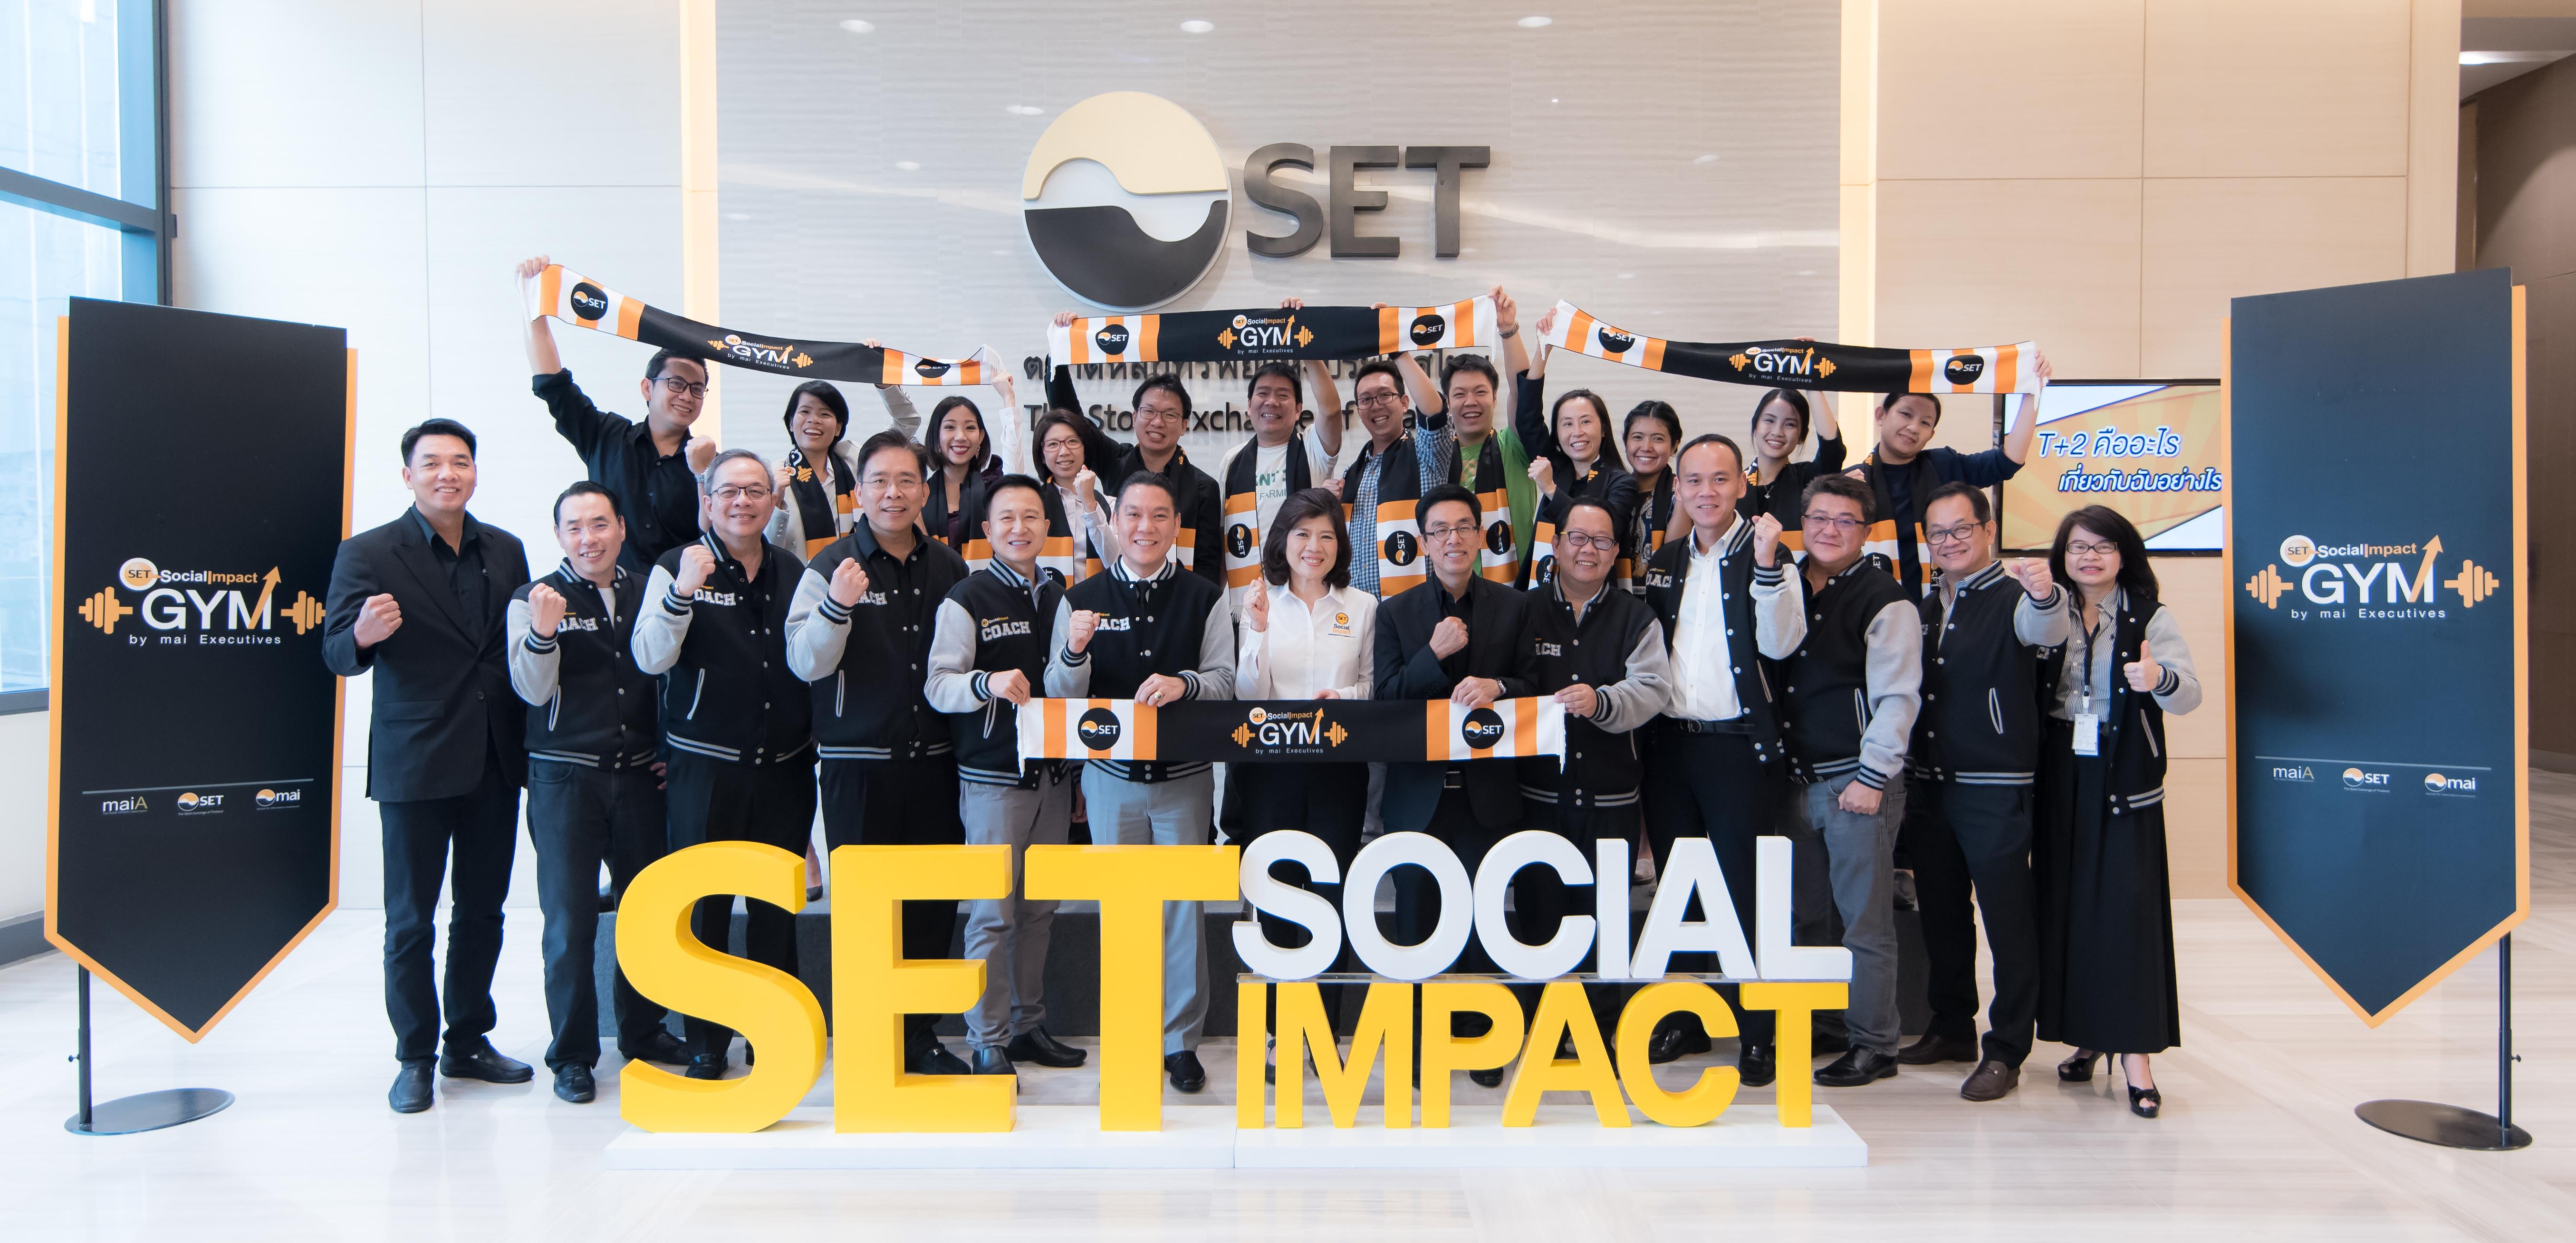 ส่งเสริมการลงทุนเพื่อสังคม